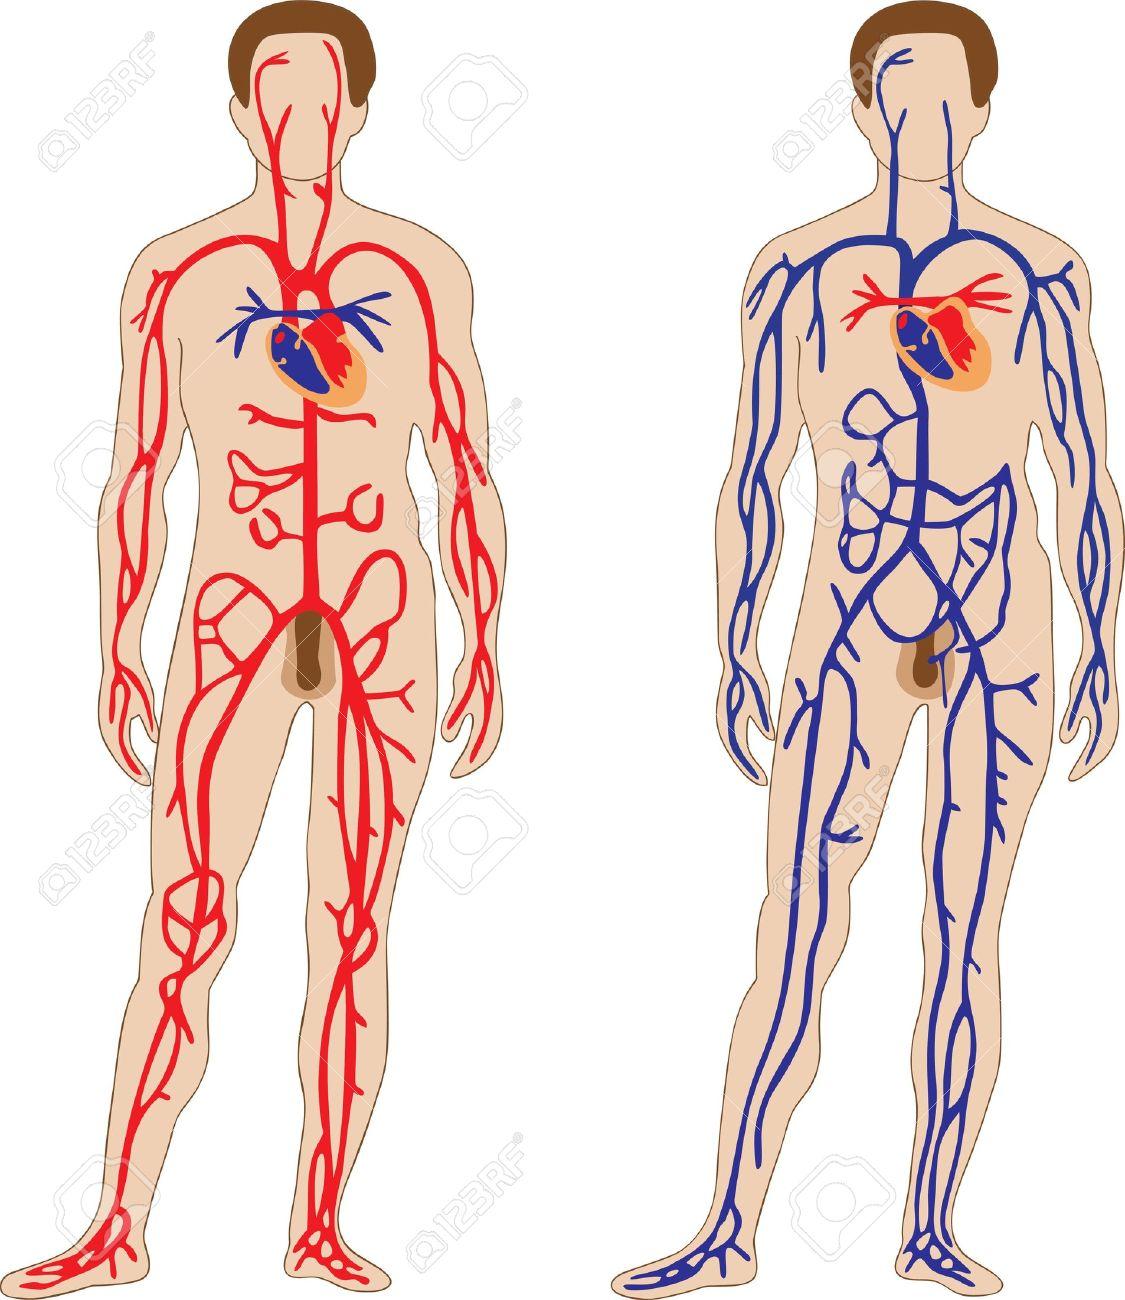 La Representación Esquemática Del Sistema Cardiovascular Humano ...